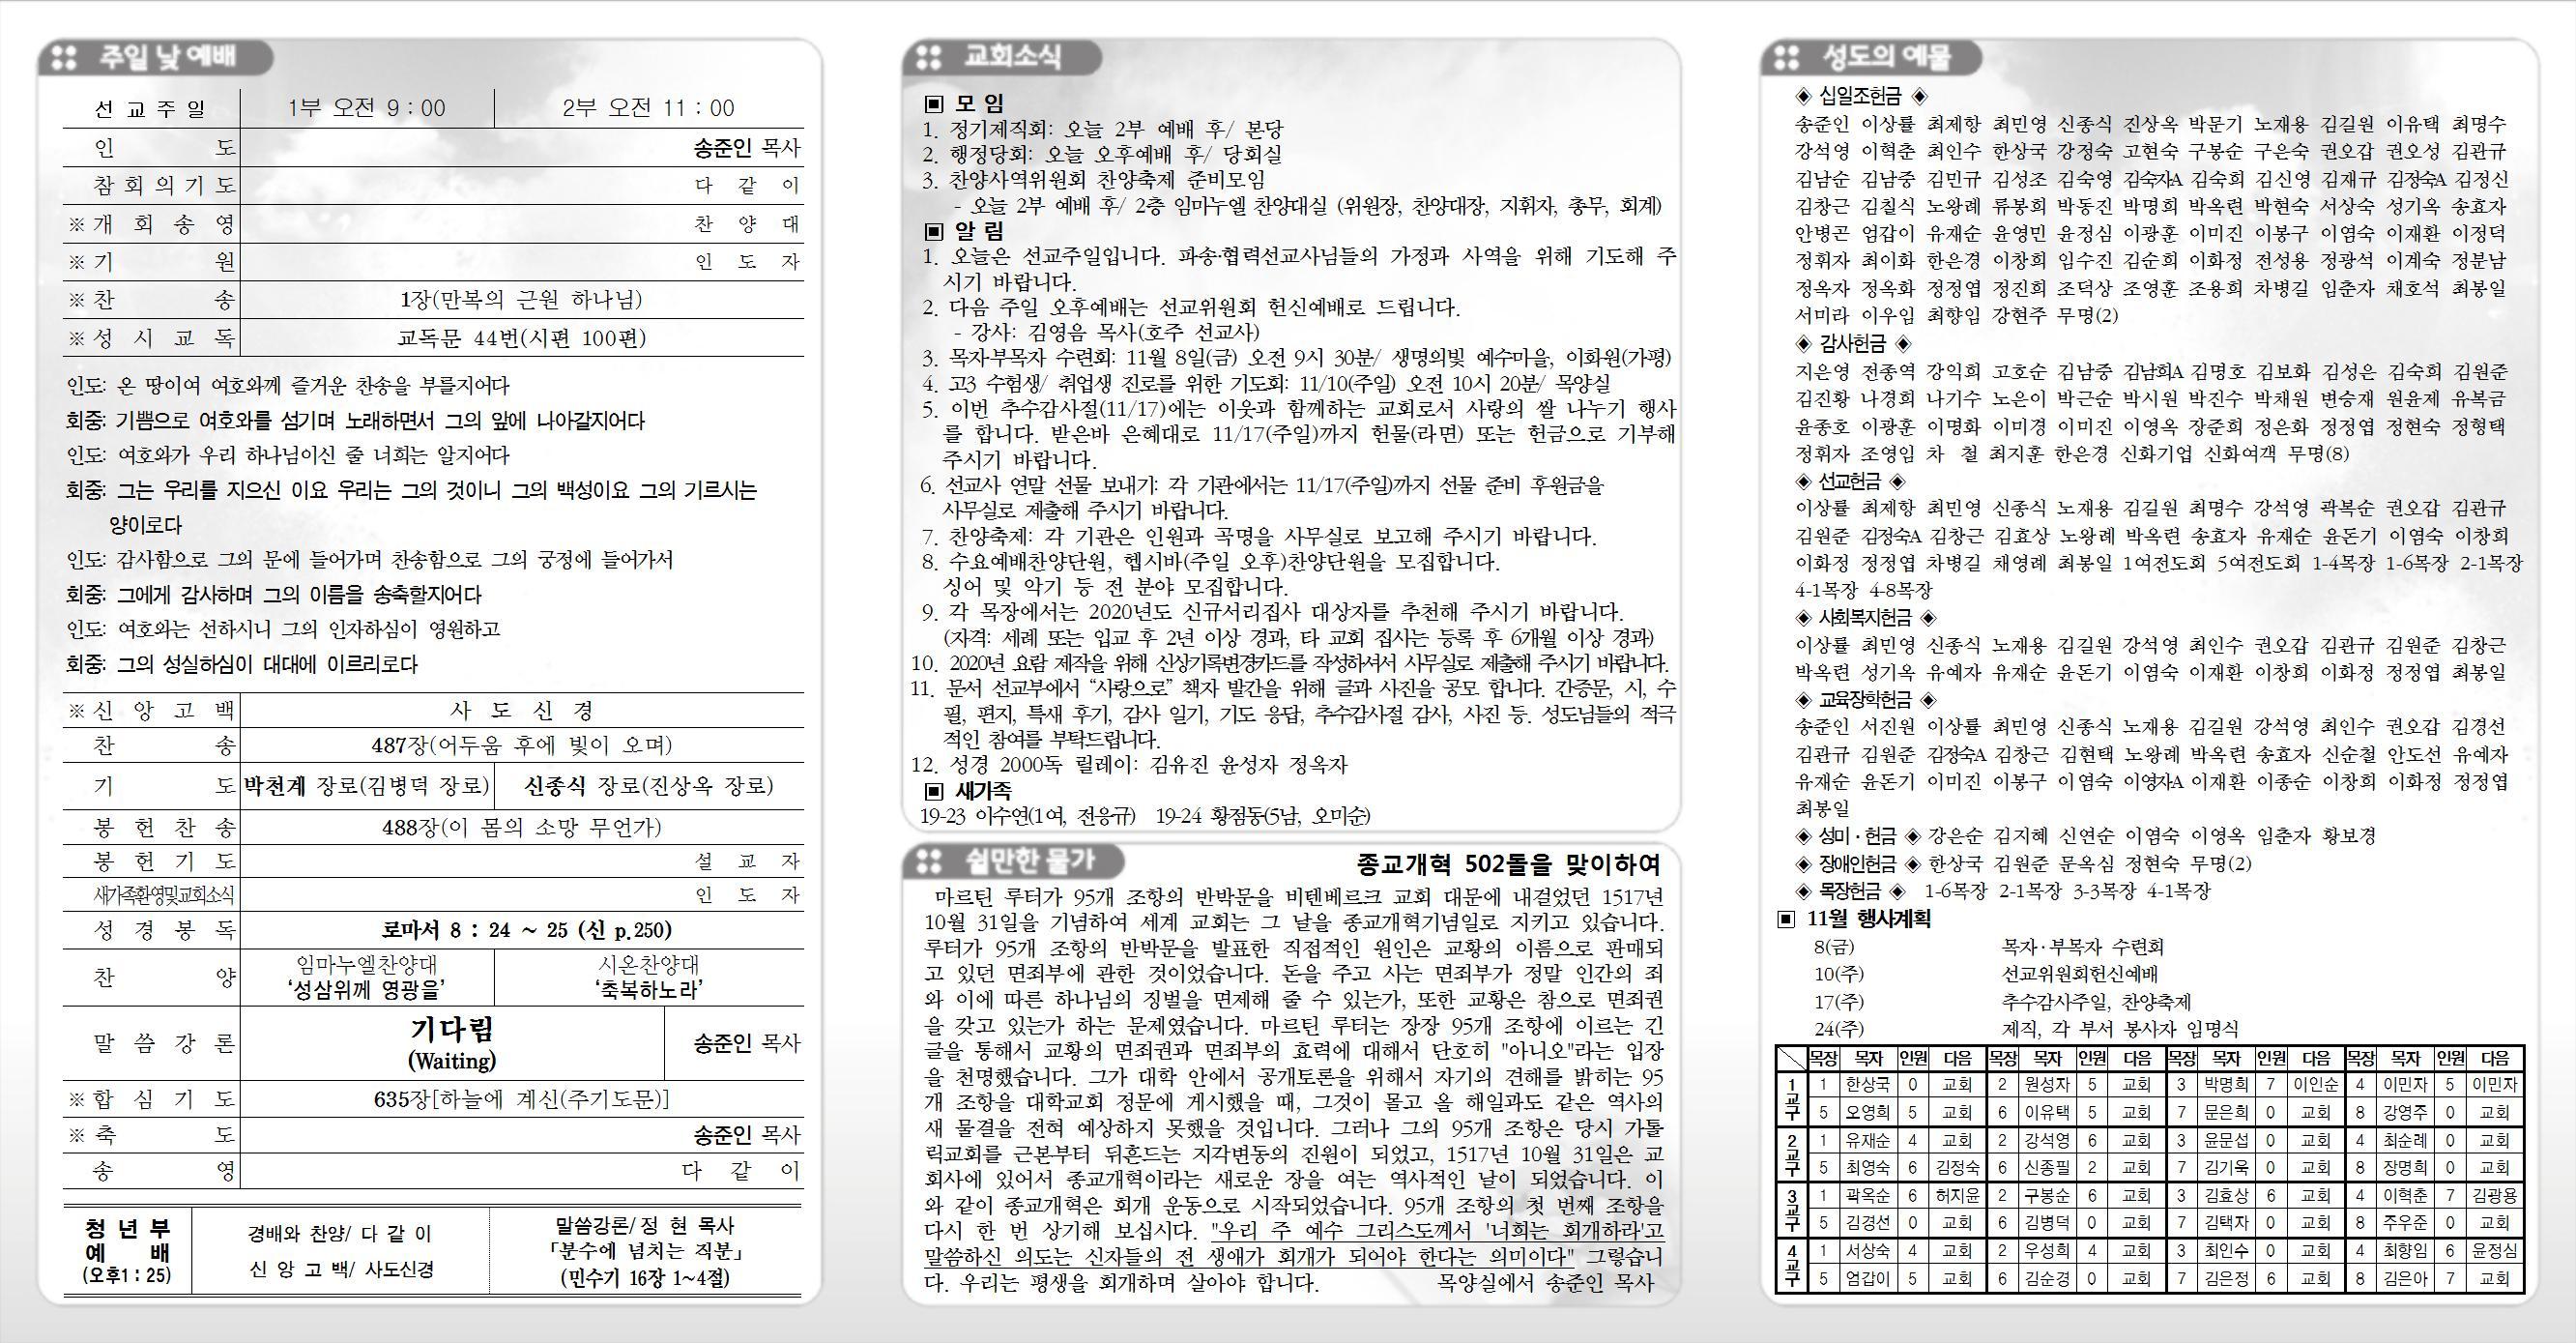 20191103청량주보(광고면)001.jpg